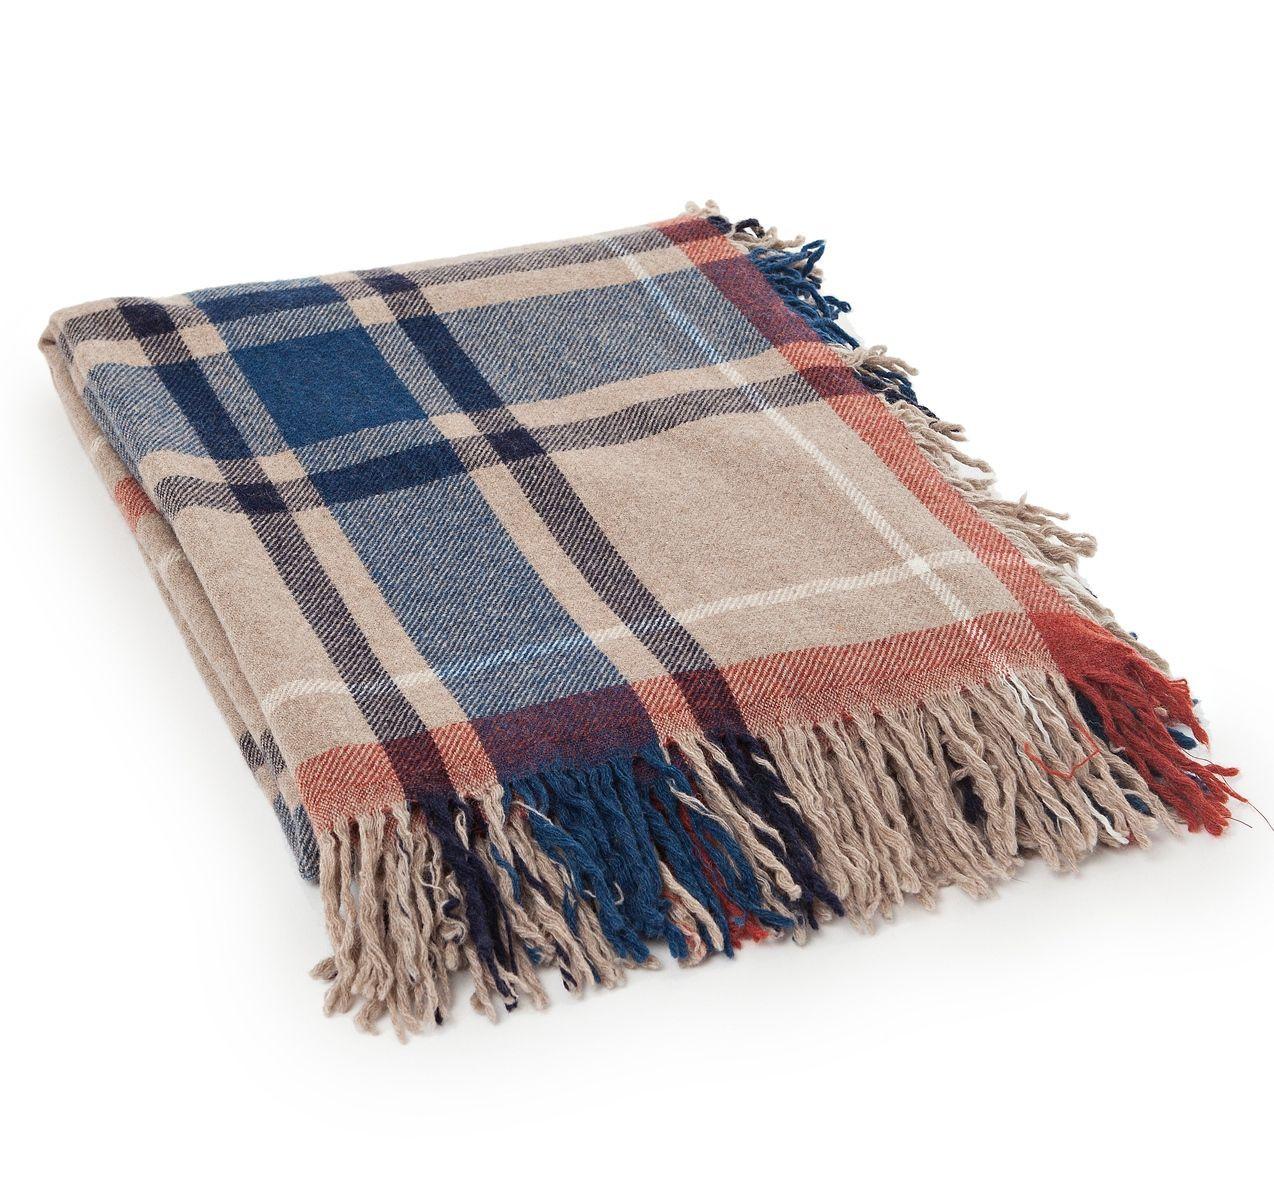 Gewaltig Decke Beige Foto Von Lexington Wool Checked Beige/blau/rost | Decken |